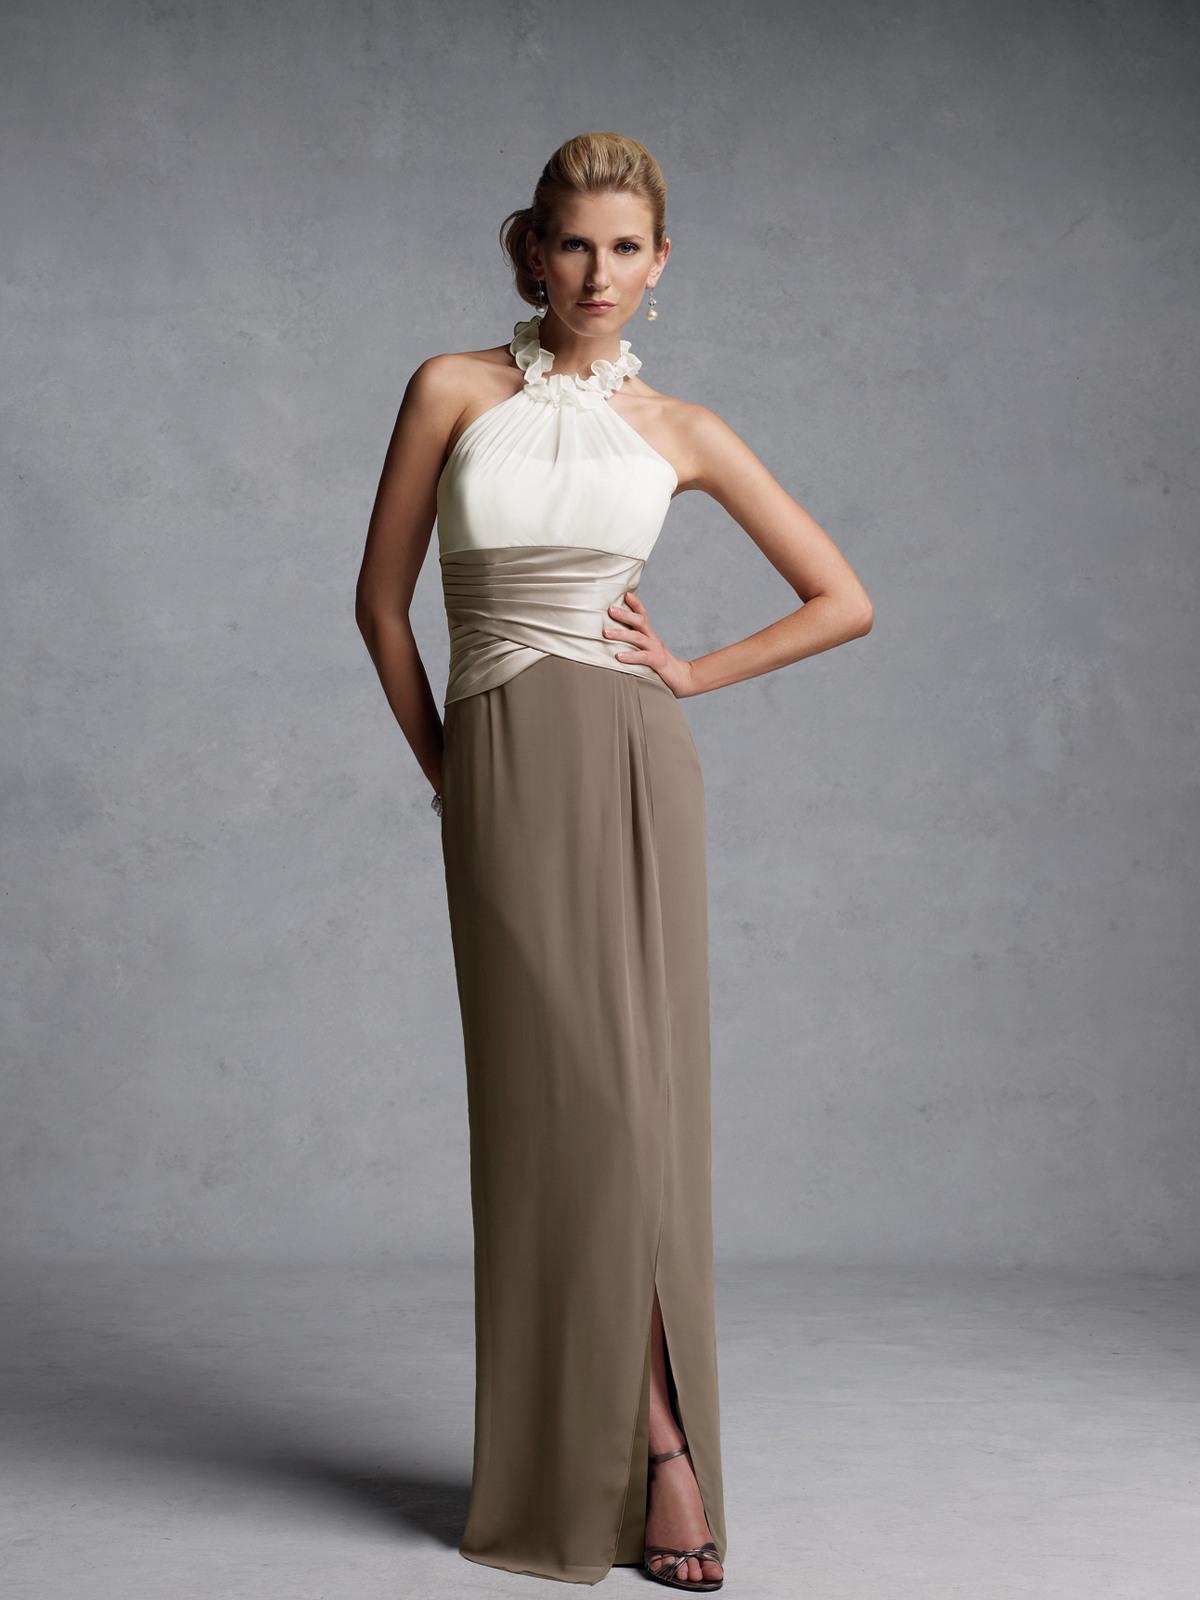 Fantastisch Abendkleid Neckholder Lang Design15 Luxus Abendkleid Neckholder Lang Ärmel